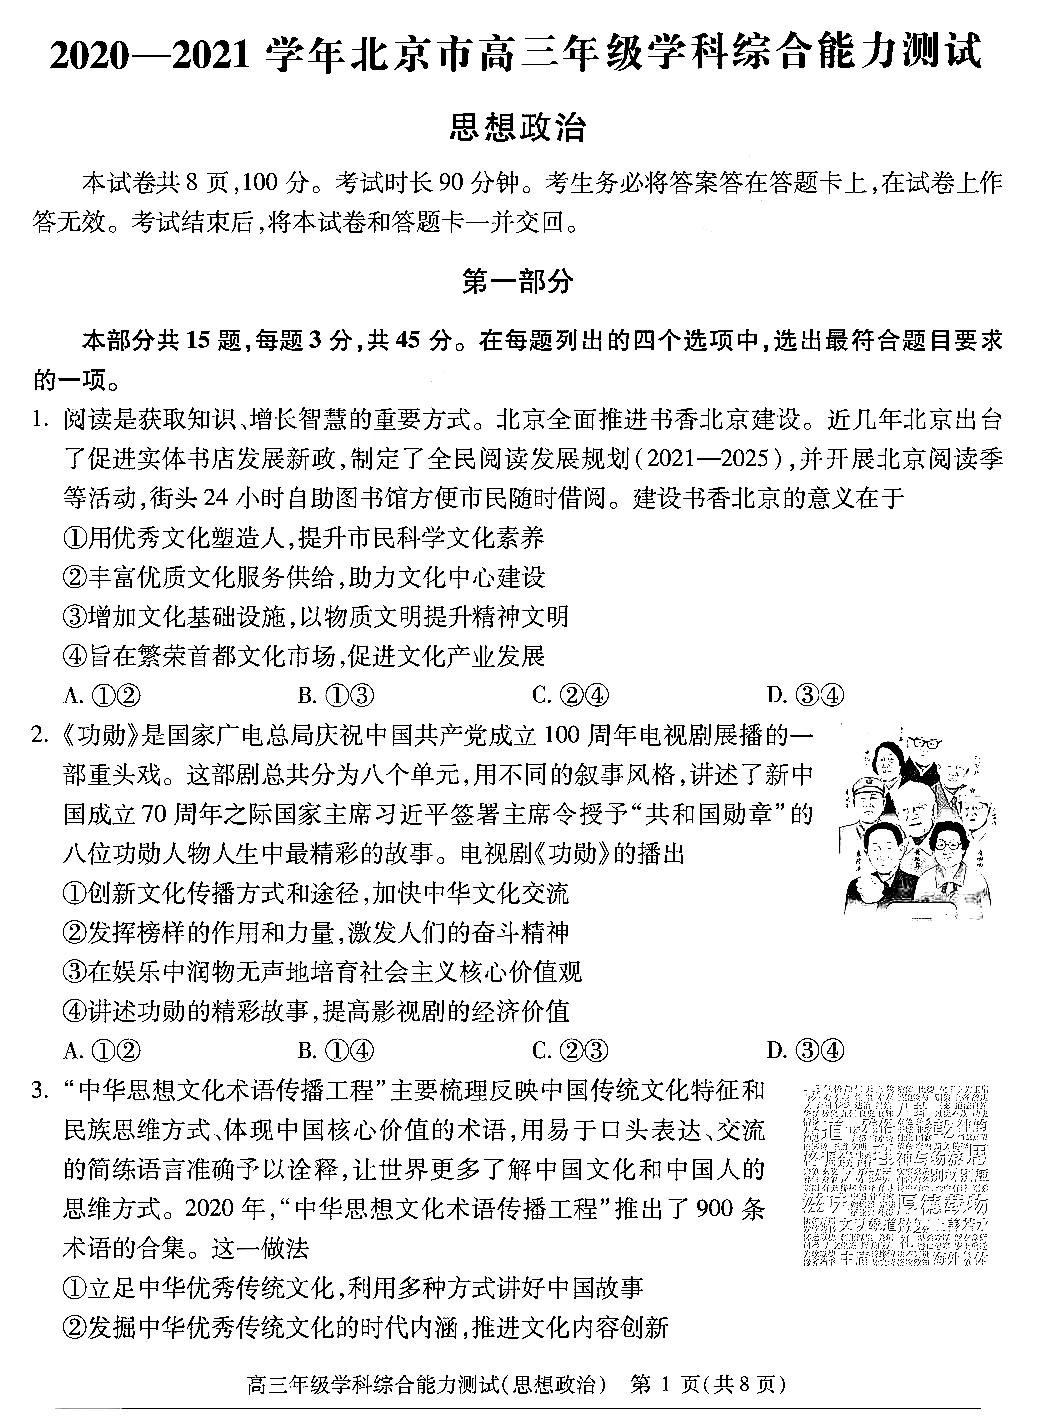 2021年北京高三开学考政治试题及答案图1